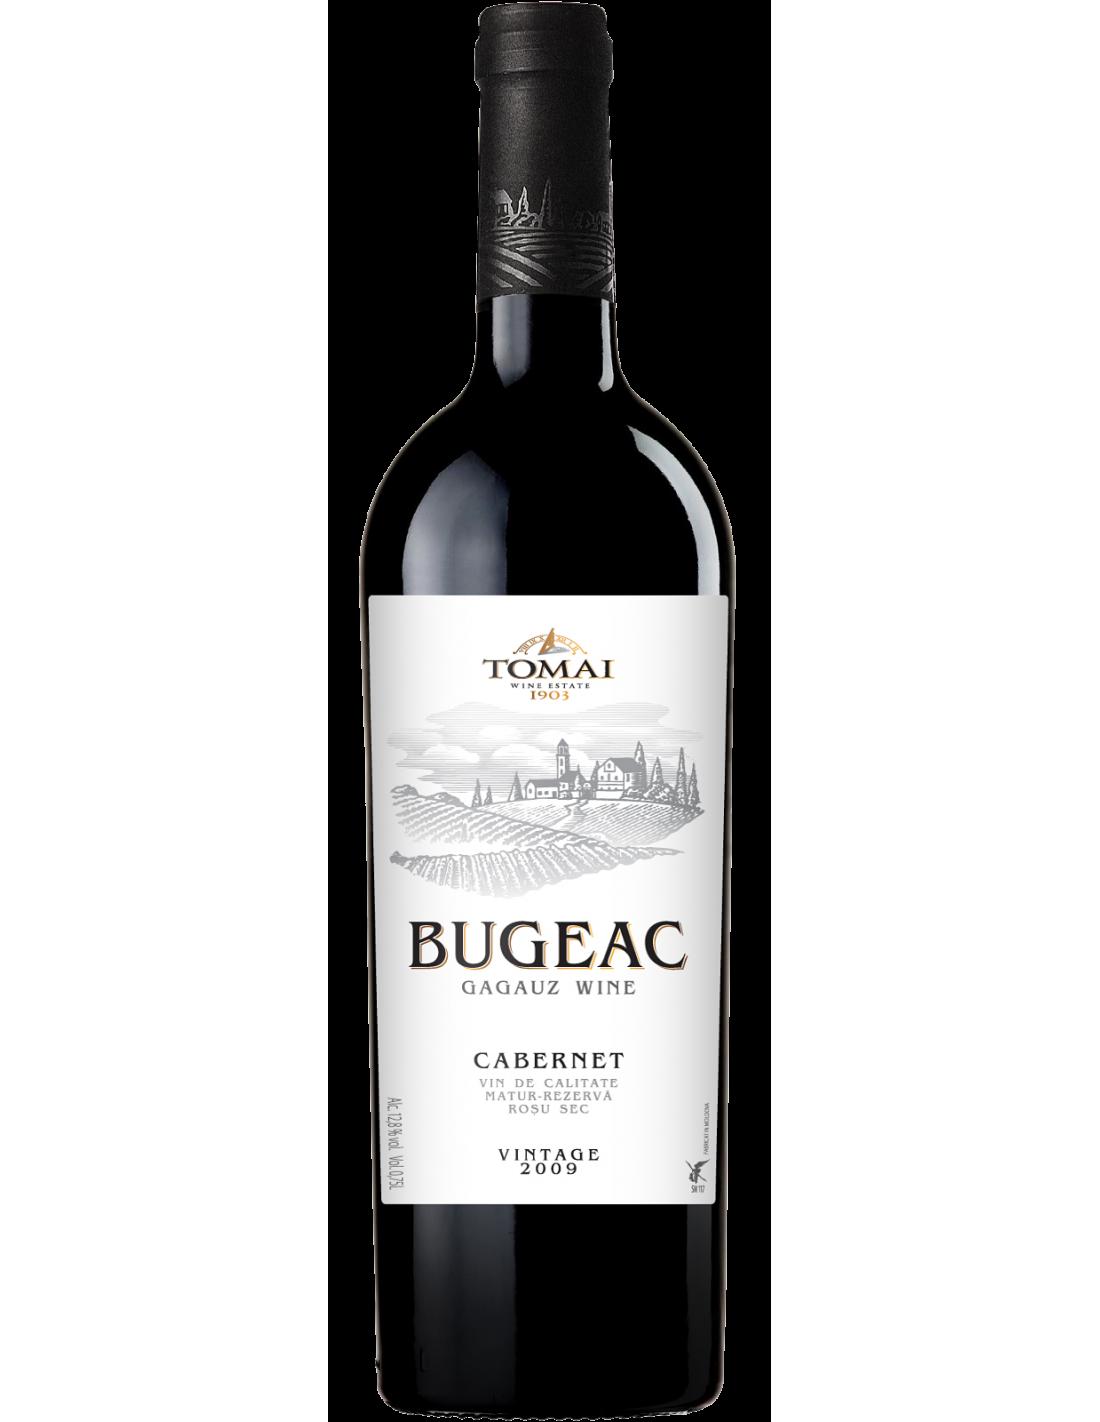 Vin rosu sec, Cabernet, Bugeac, 13% alc., 0.75L, Republica Moldova